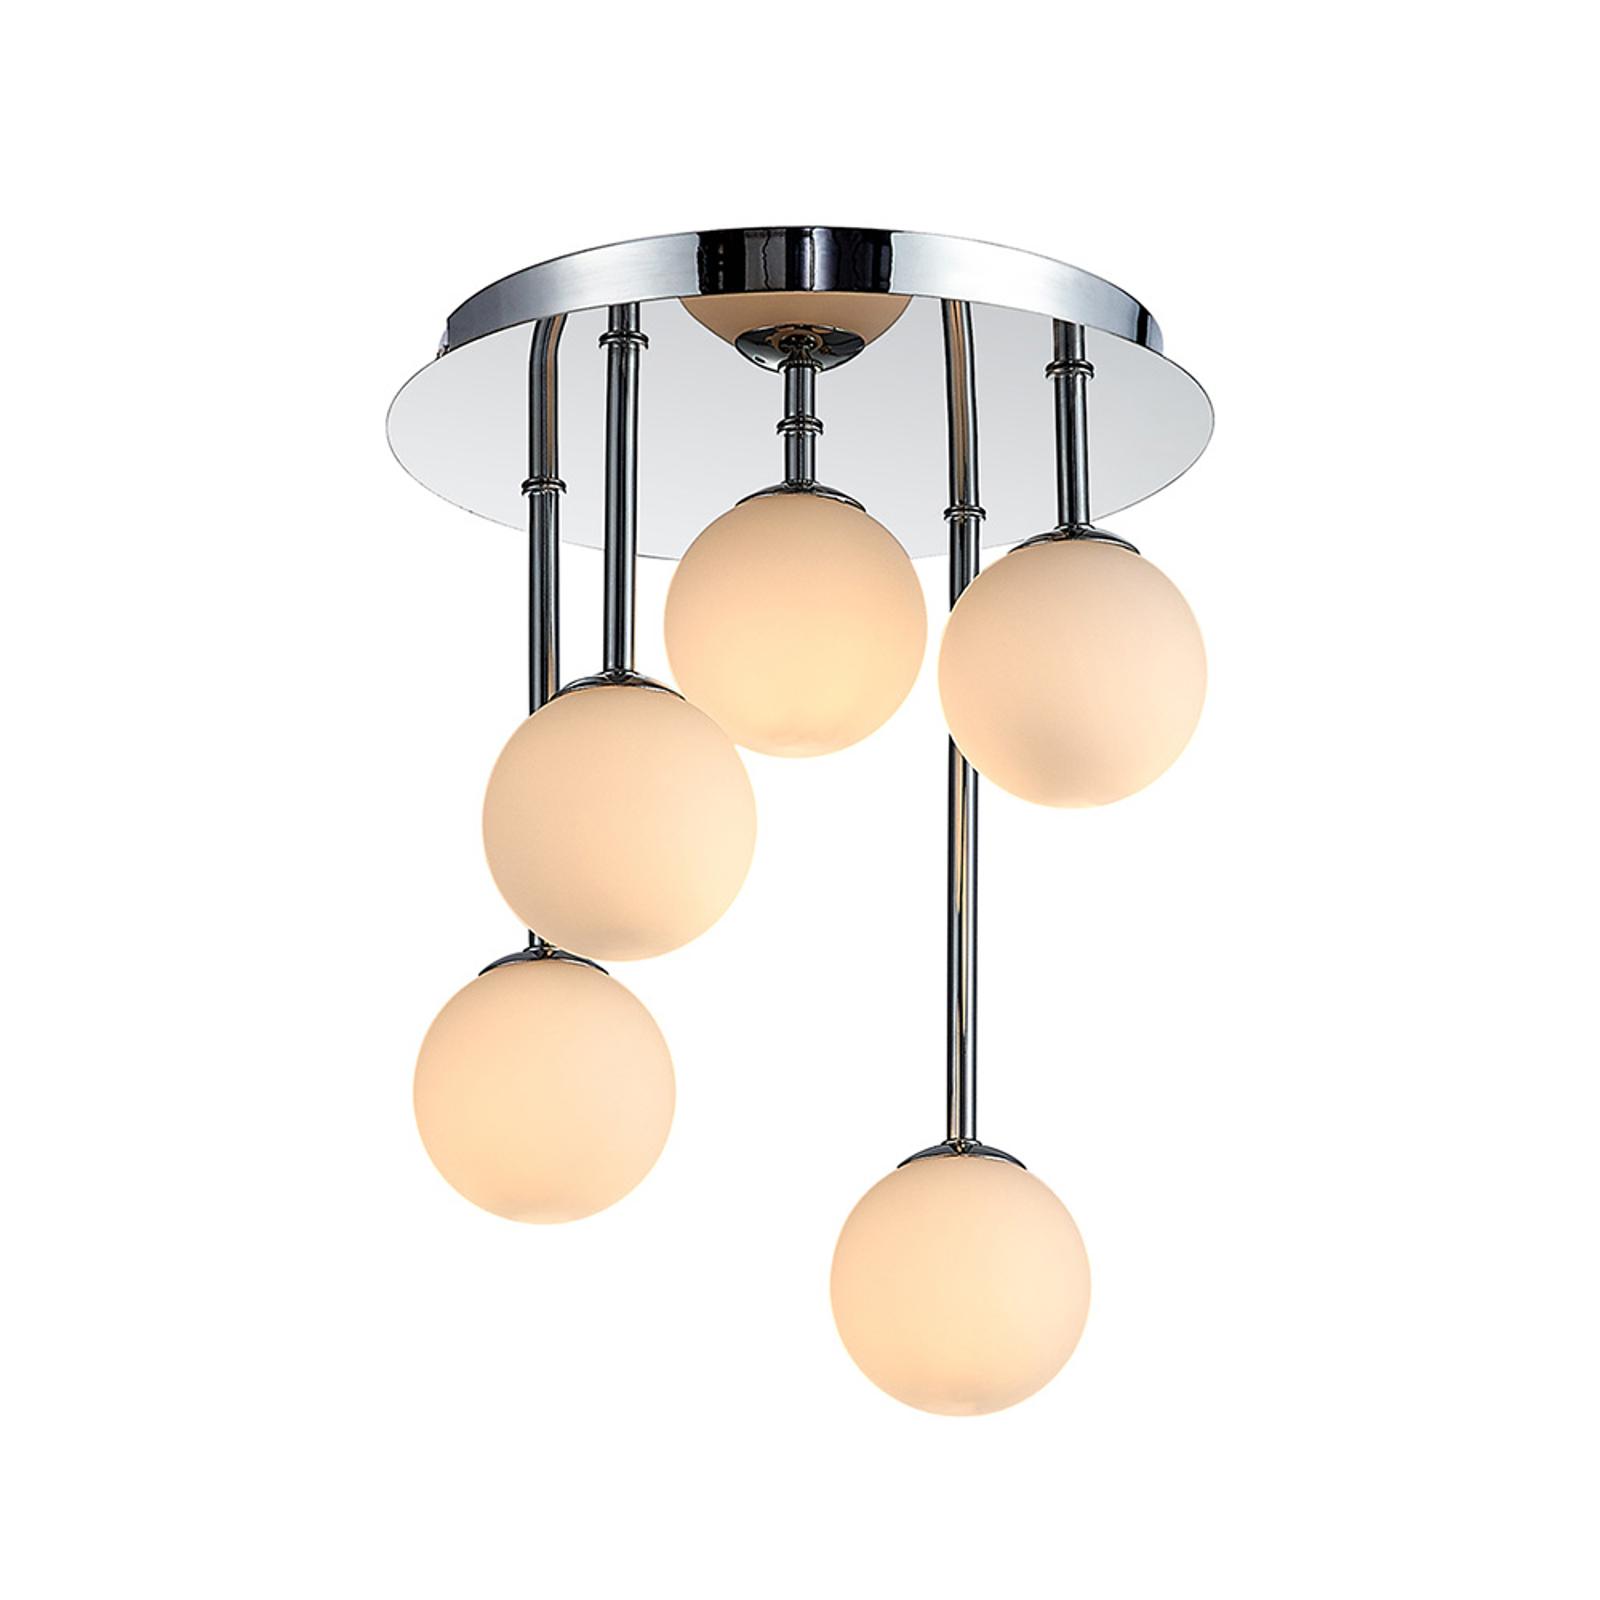 Lindby Chrissy lampa sufitowa, 5-punktowa, 25 cm